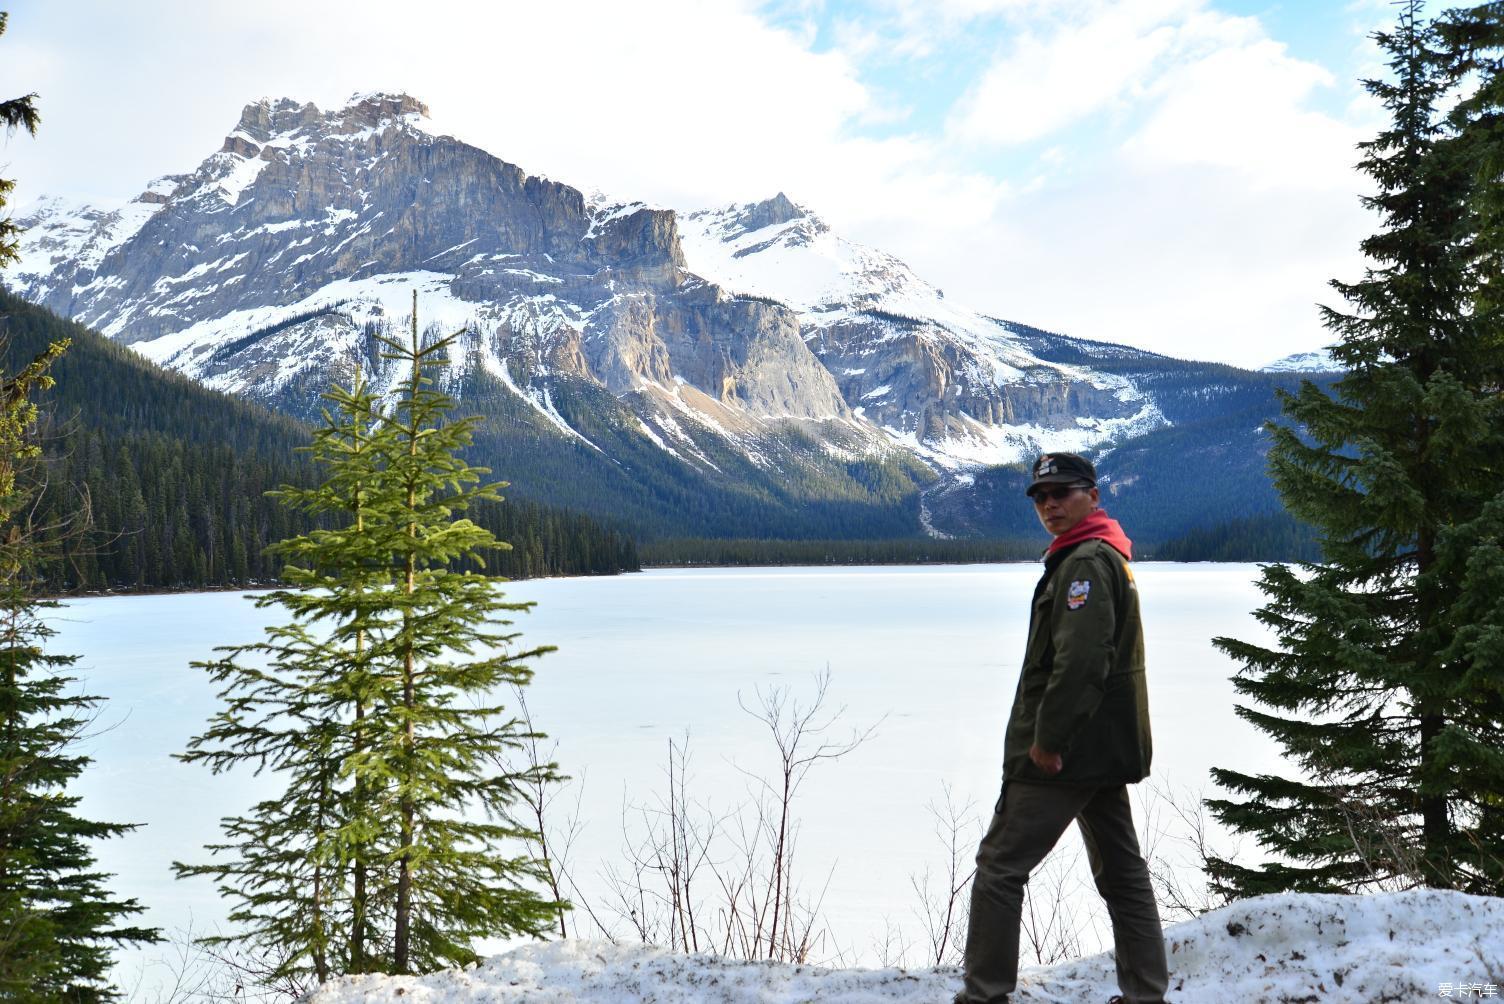 加拿大落基山脉上的一颗明珠班芙国家公园